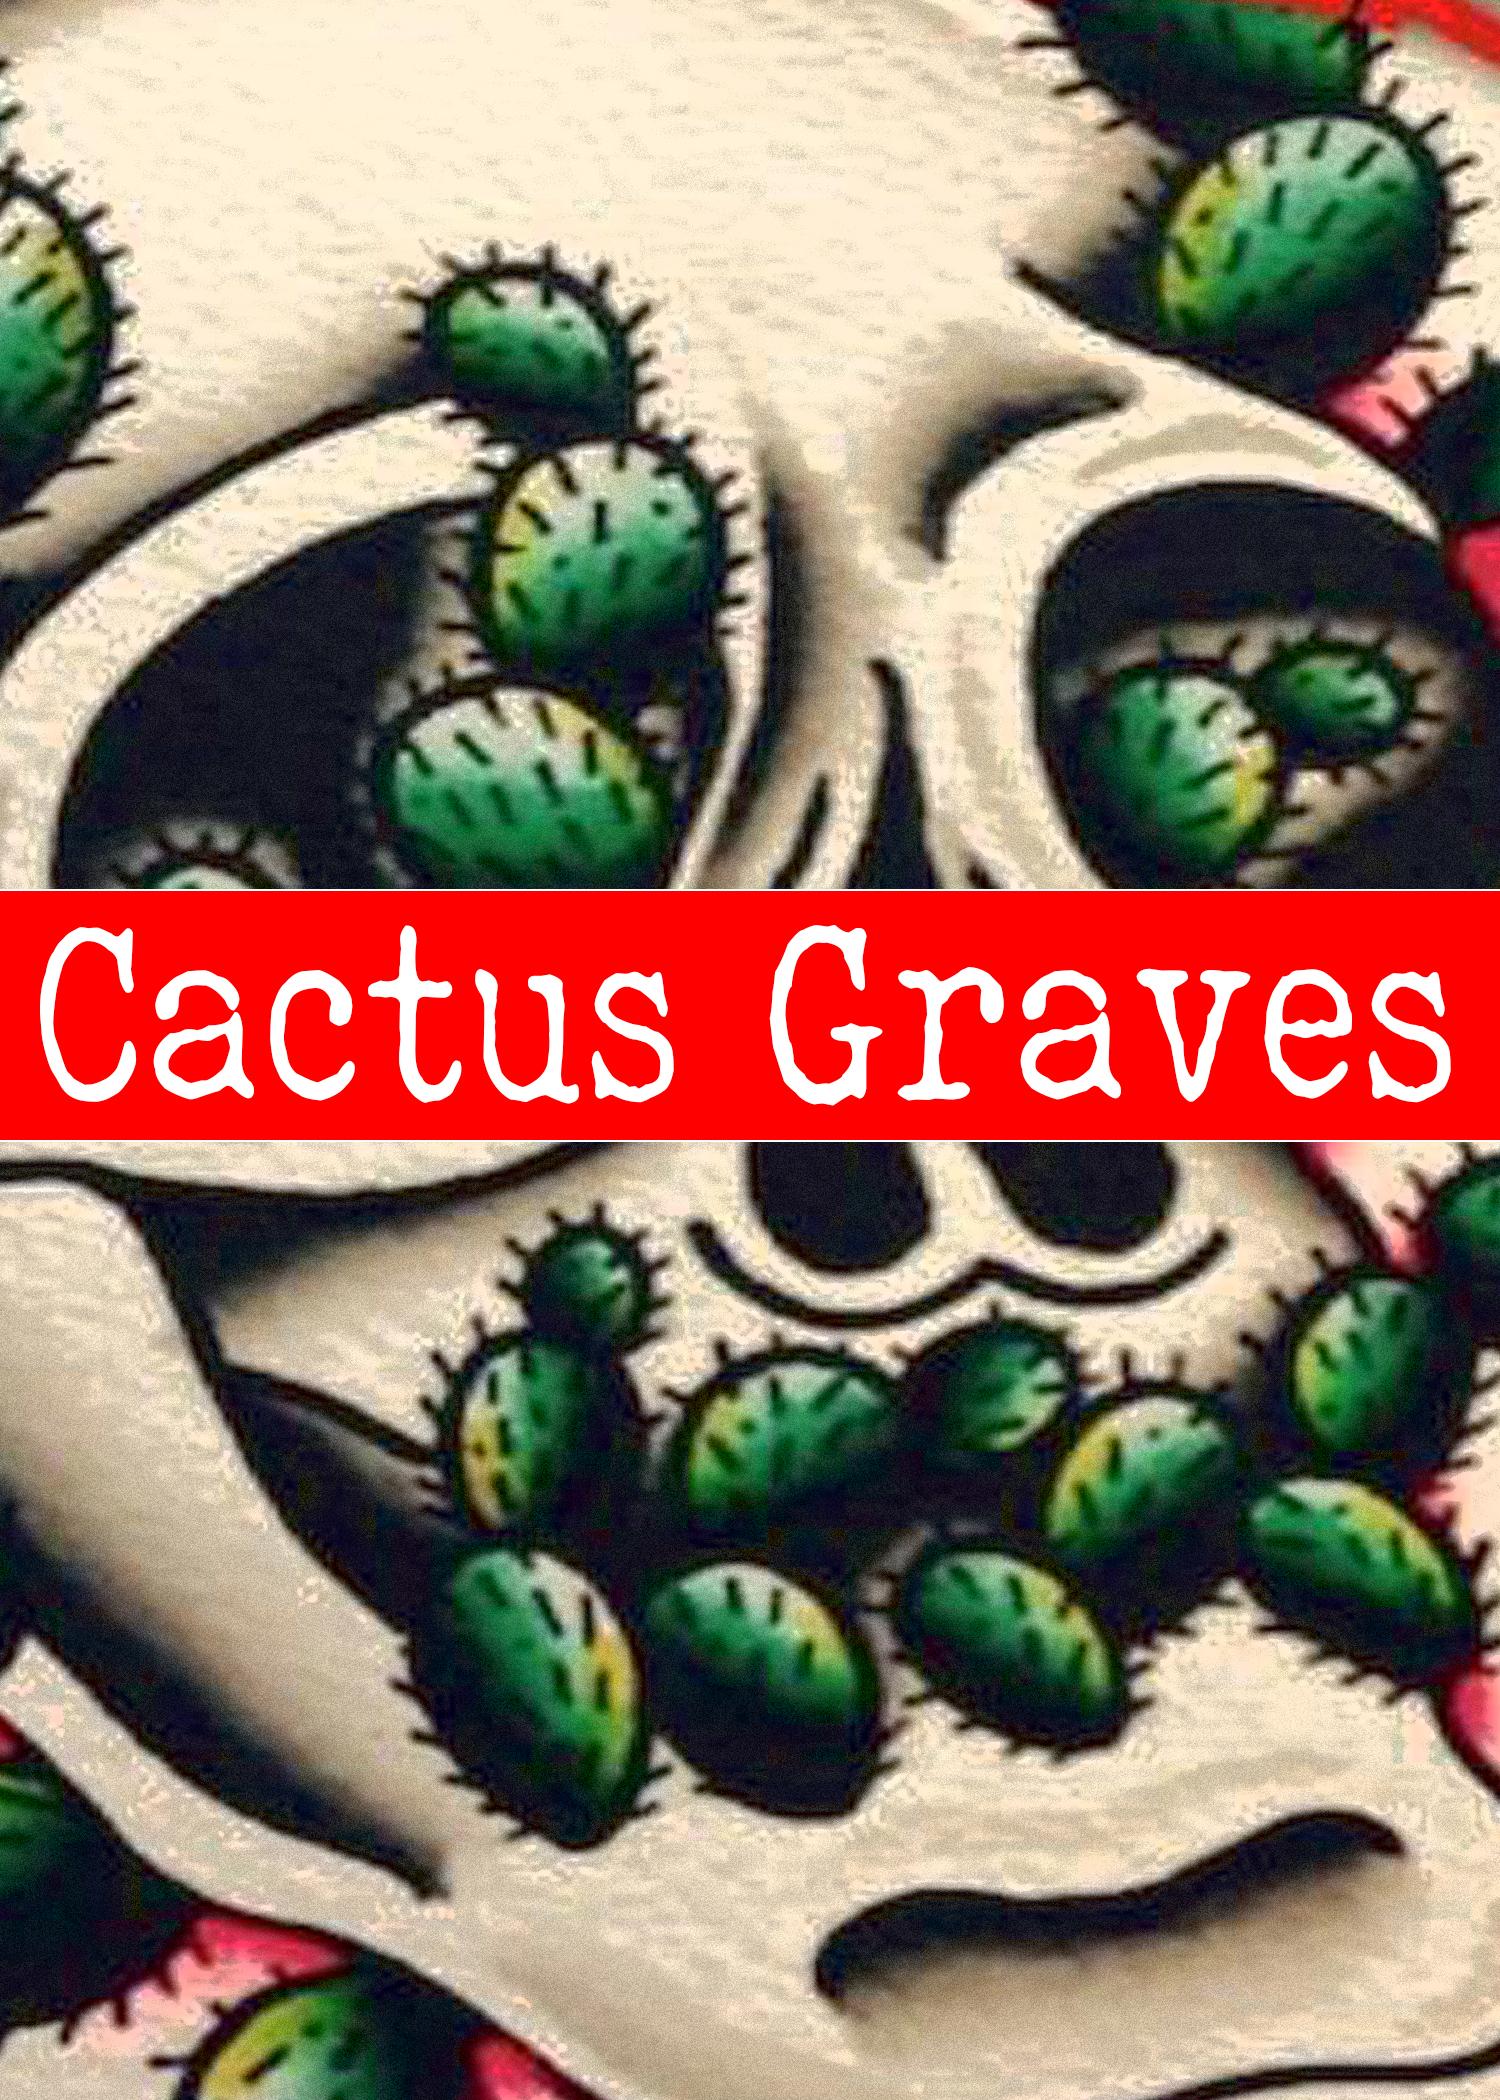 Cactus Graves